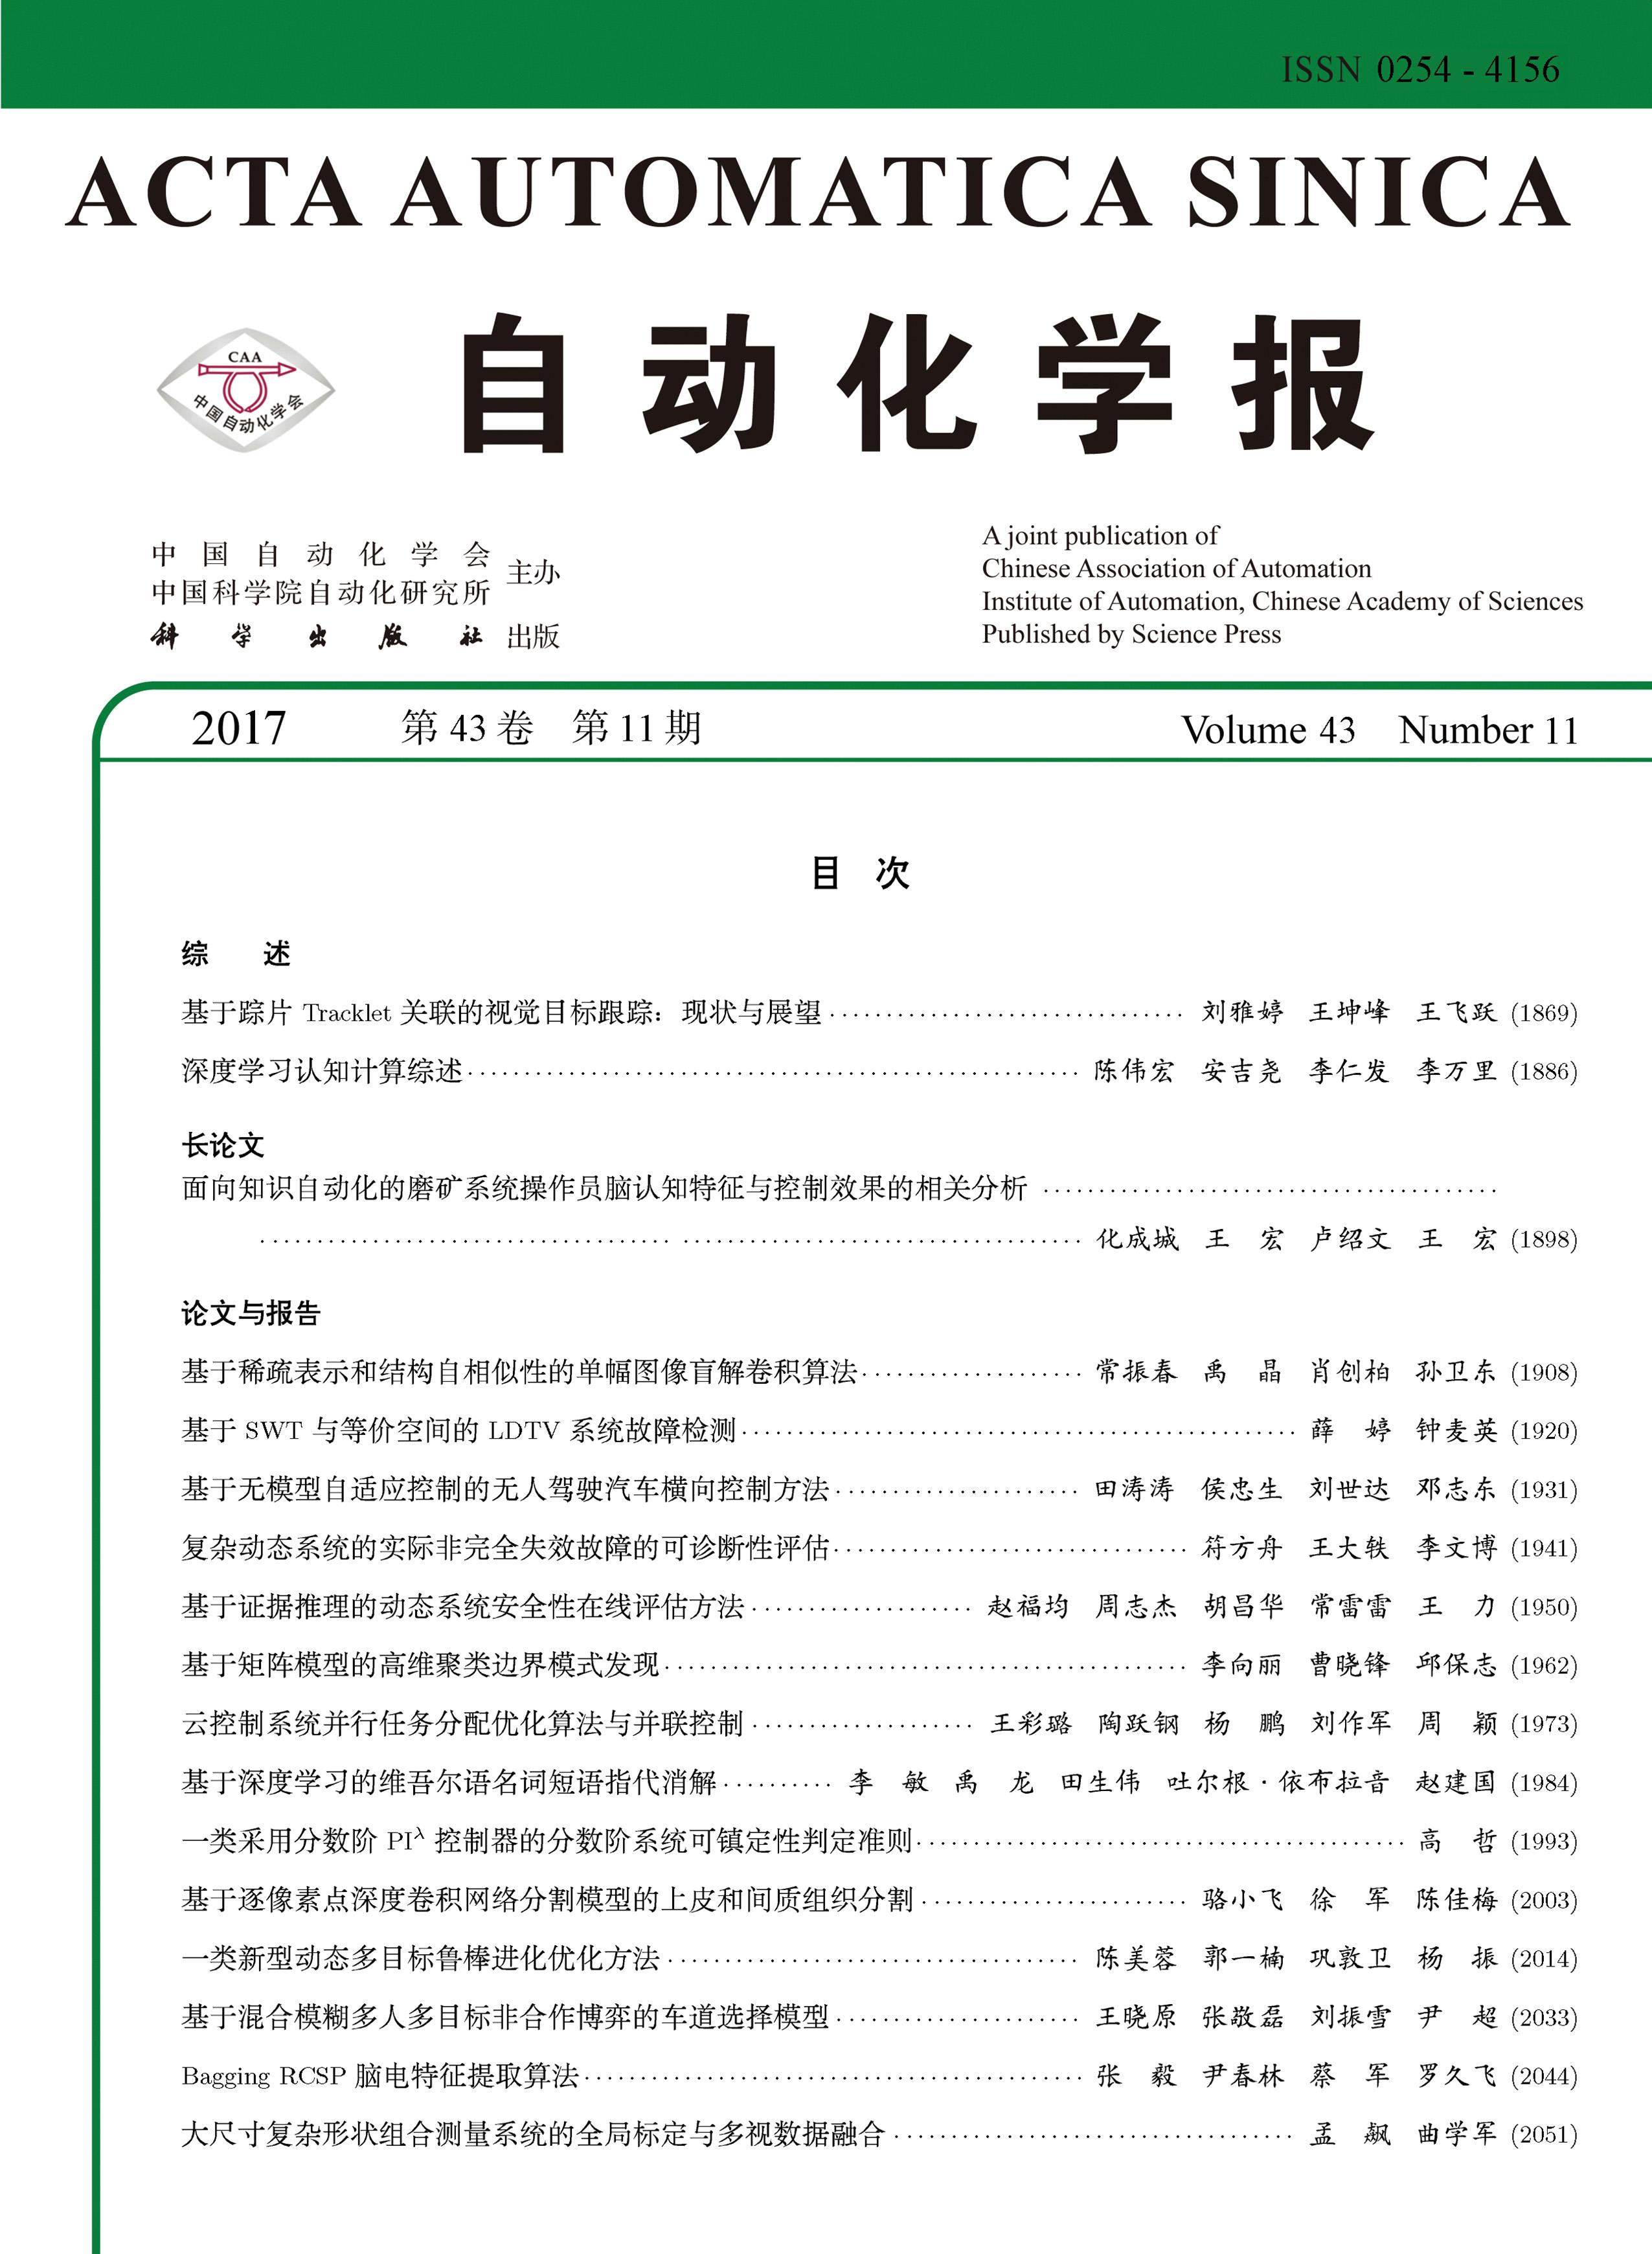 自动化学报 电子书制作软件